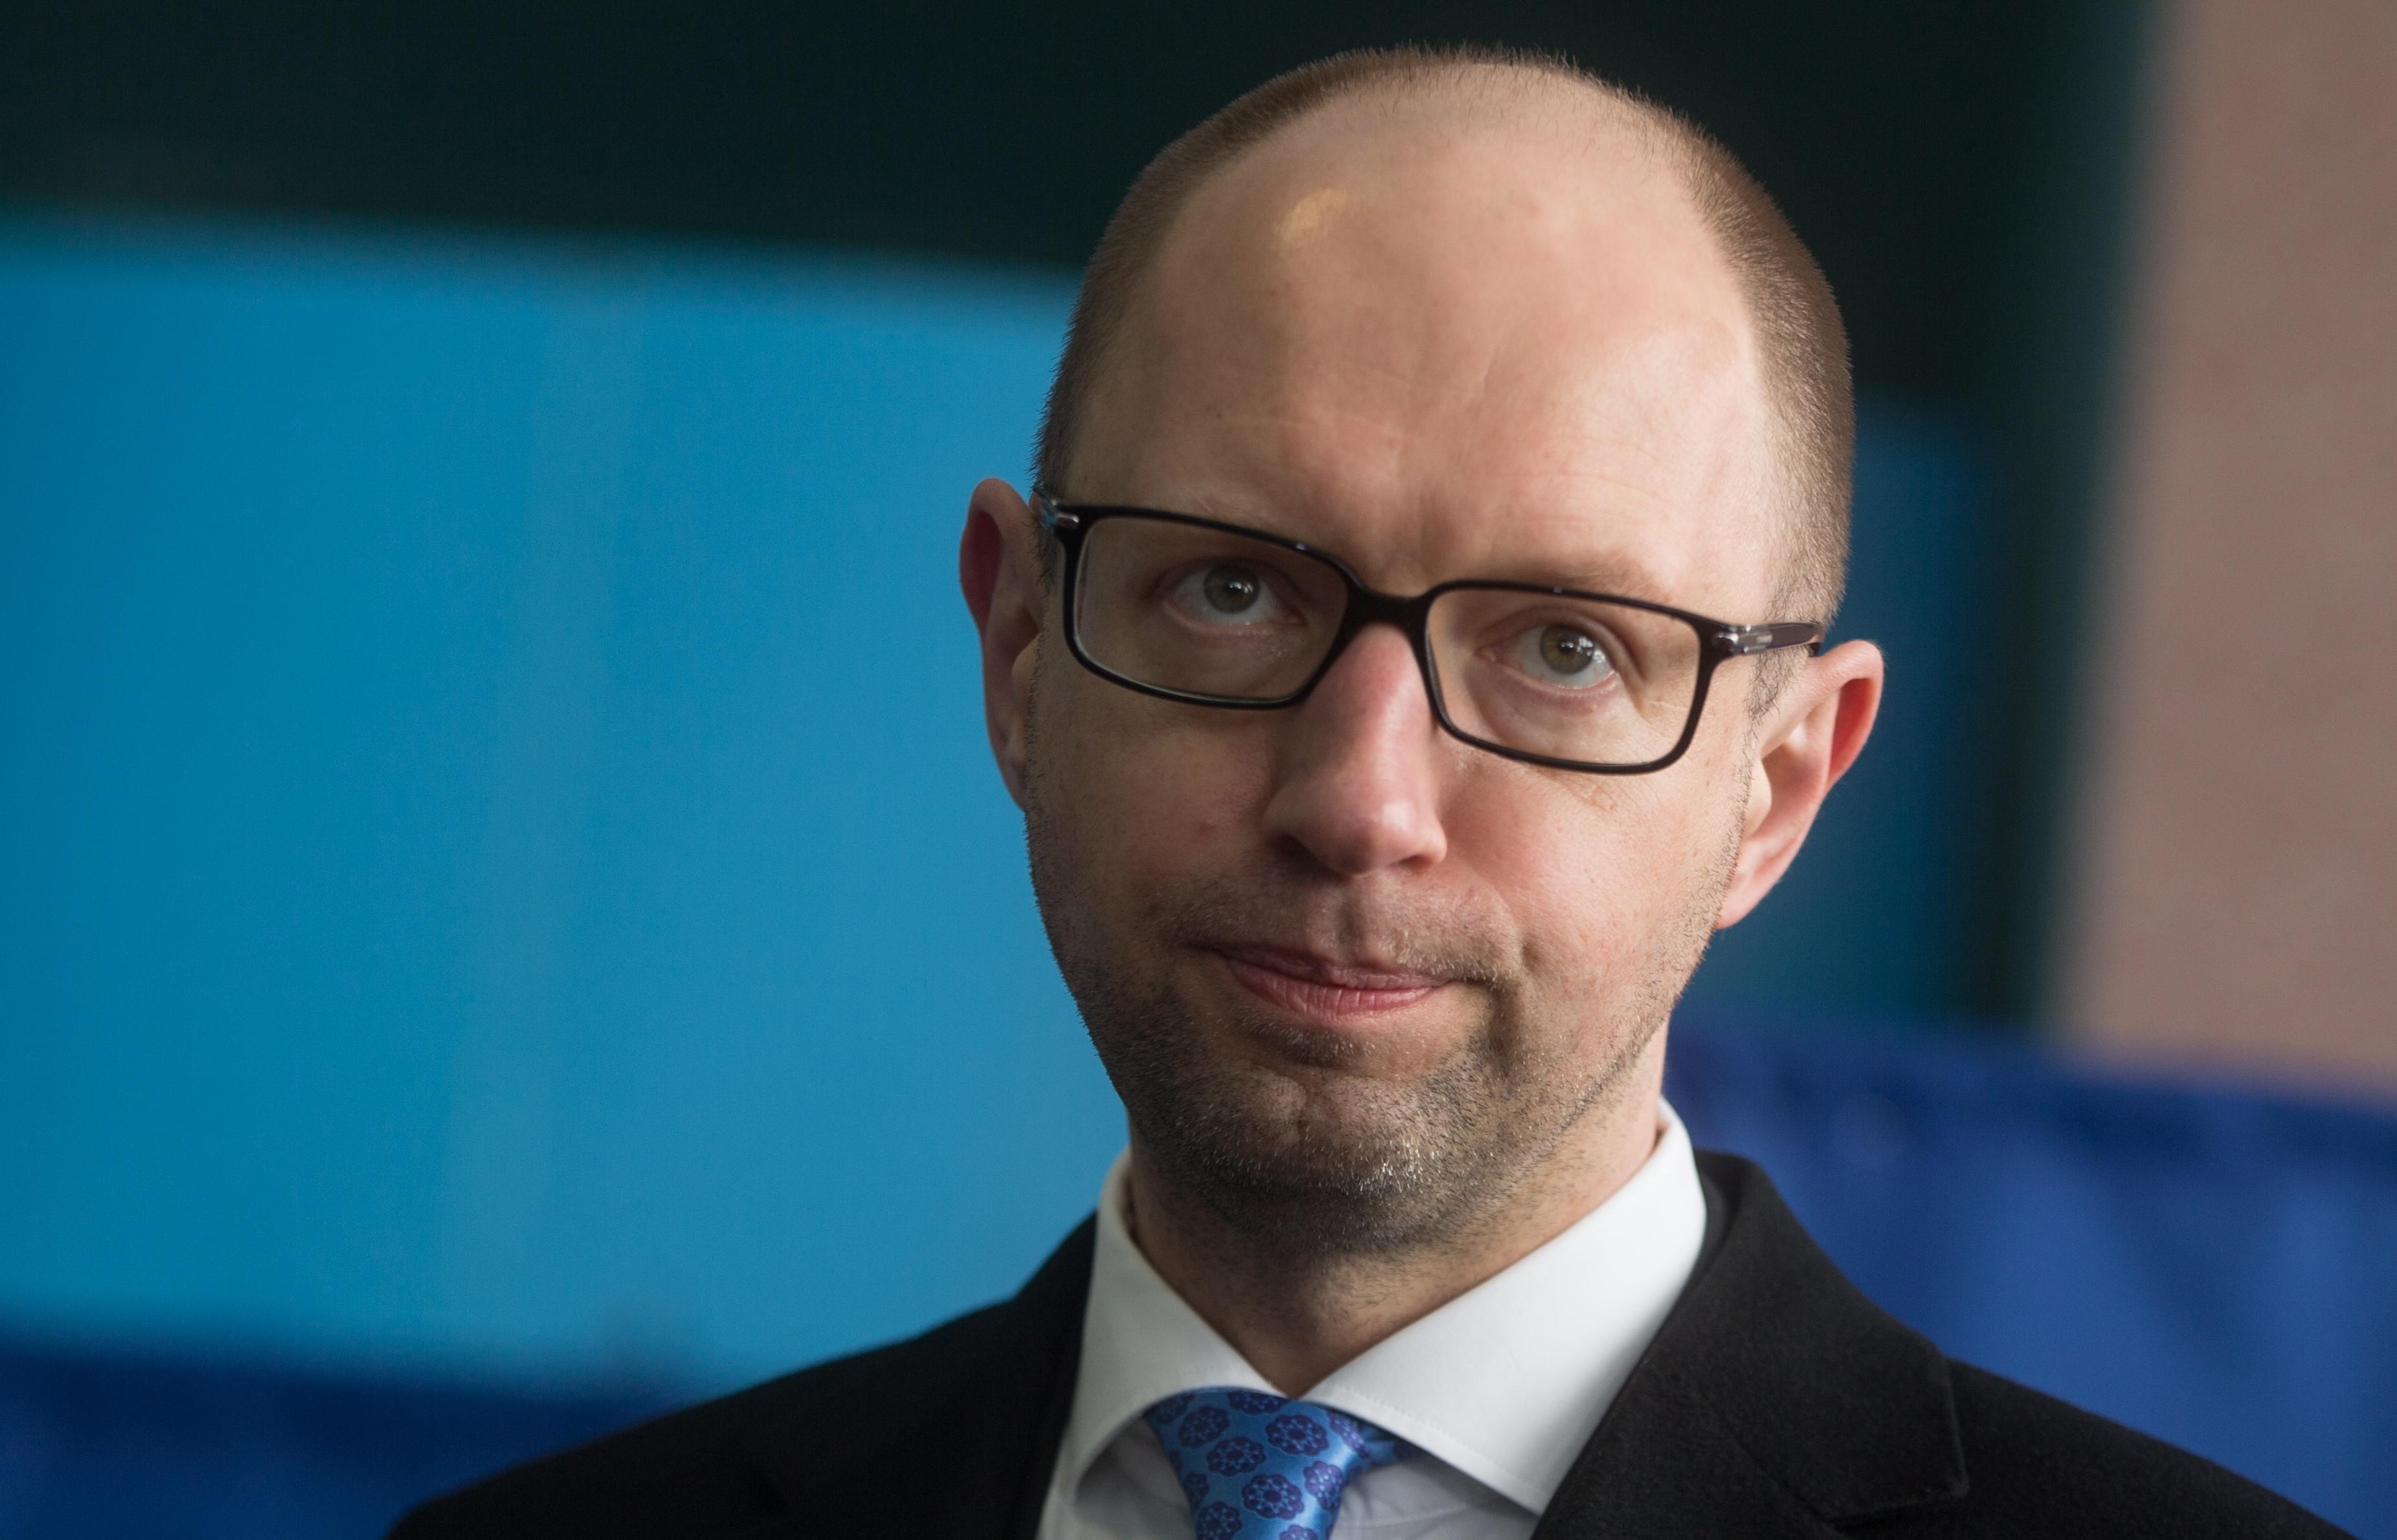 Яценюк о решении комитета постоянных представителей при Совете ЕС по безвизовому режиму: